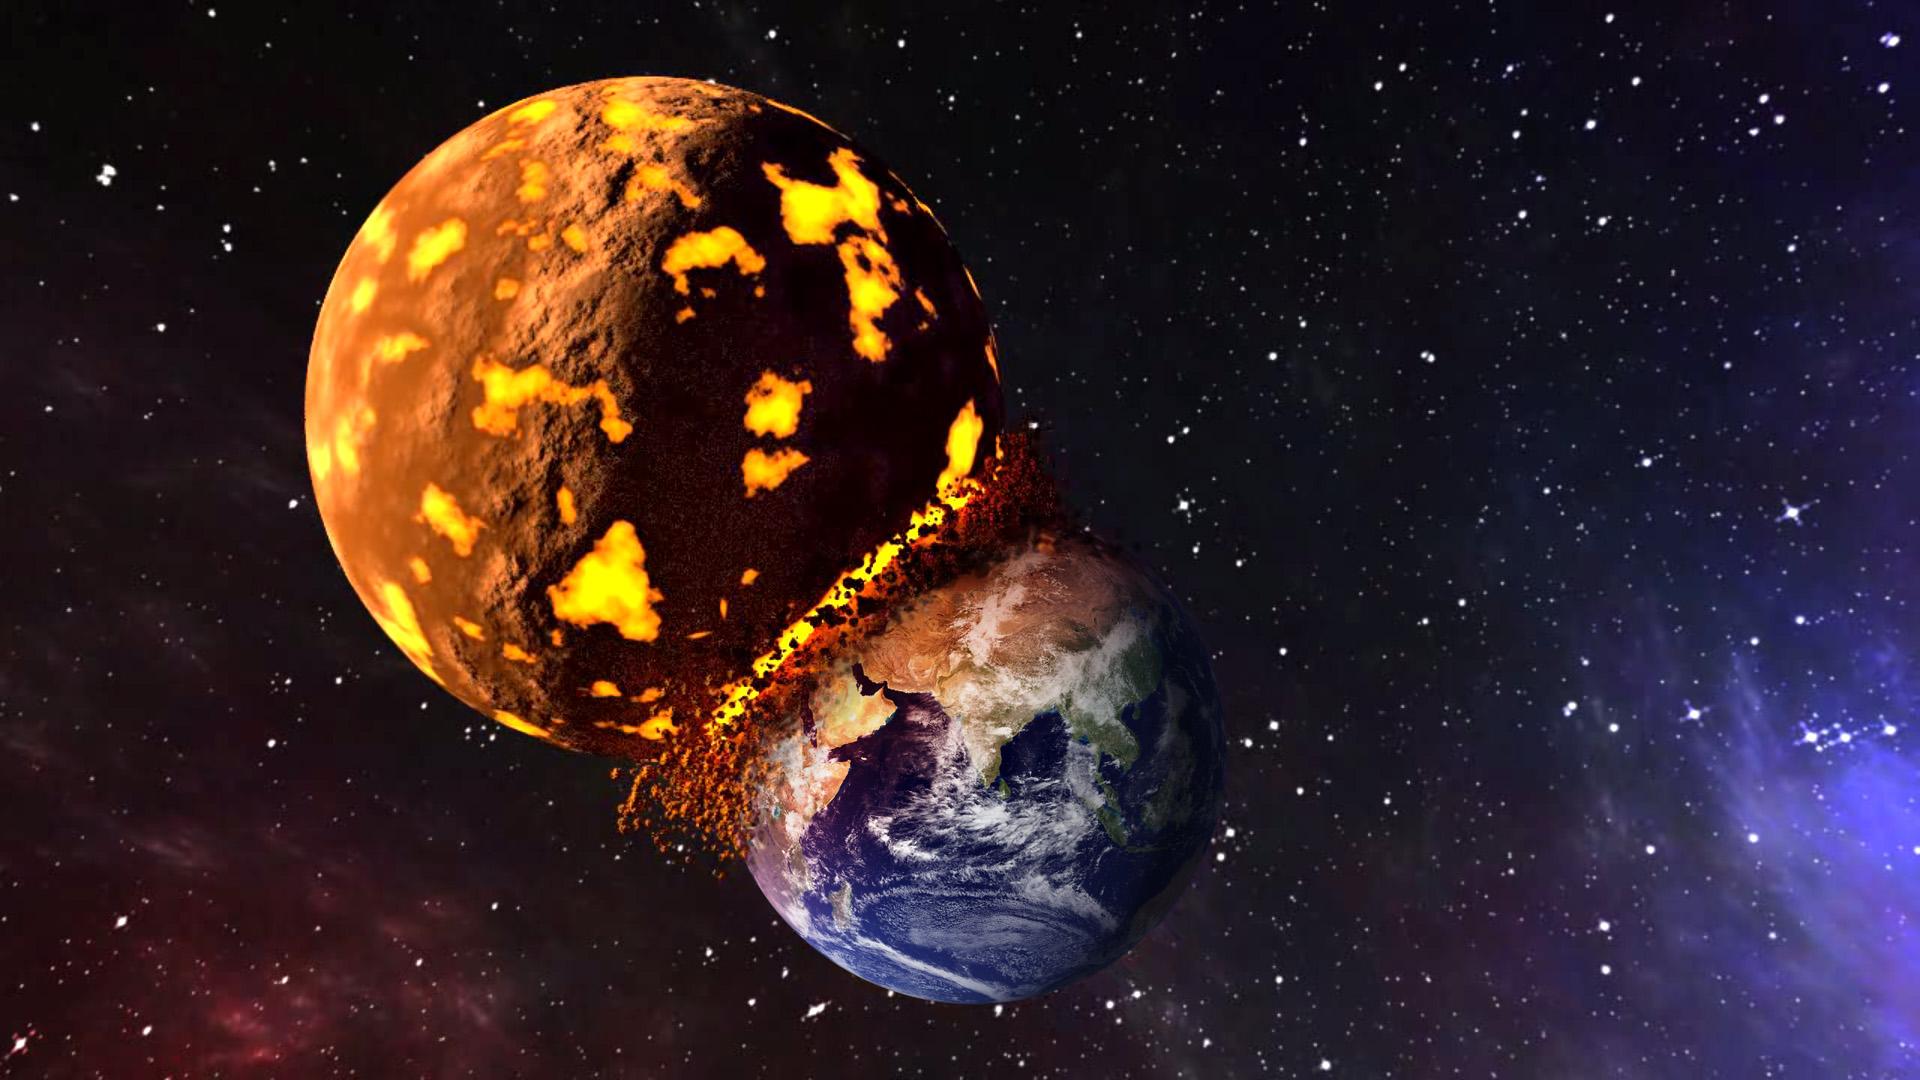 Конспирологи сообщили, что планету Нибиру таят спомощью Луны